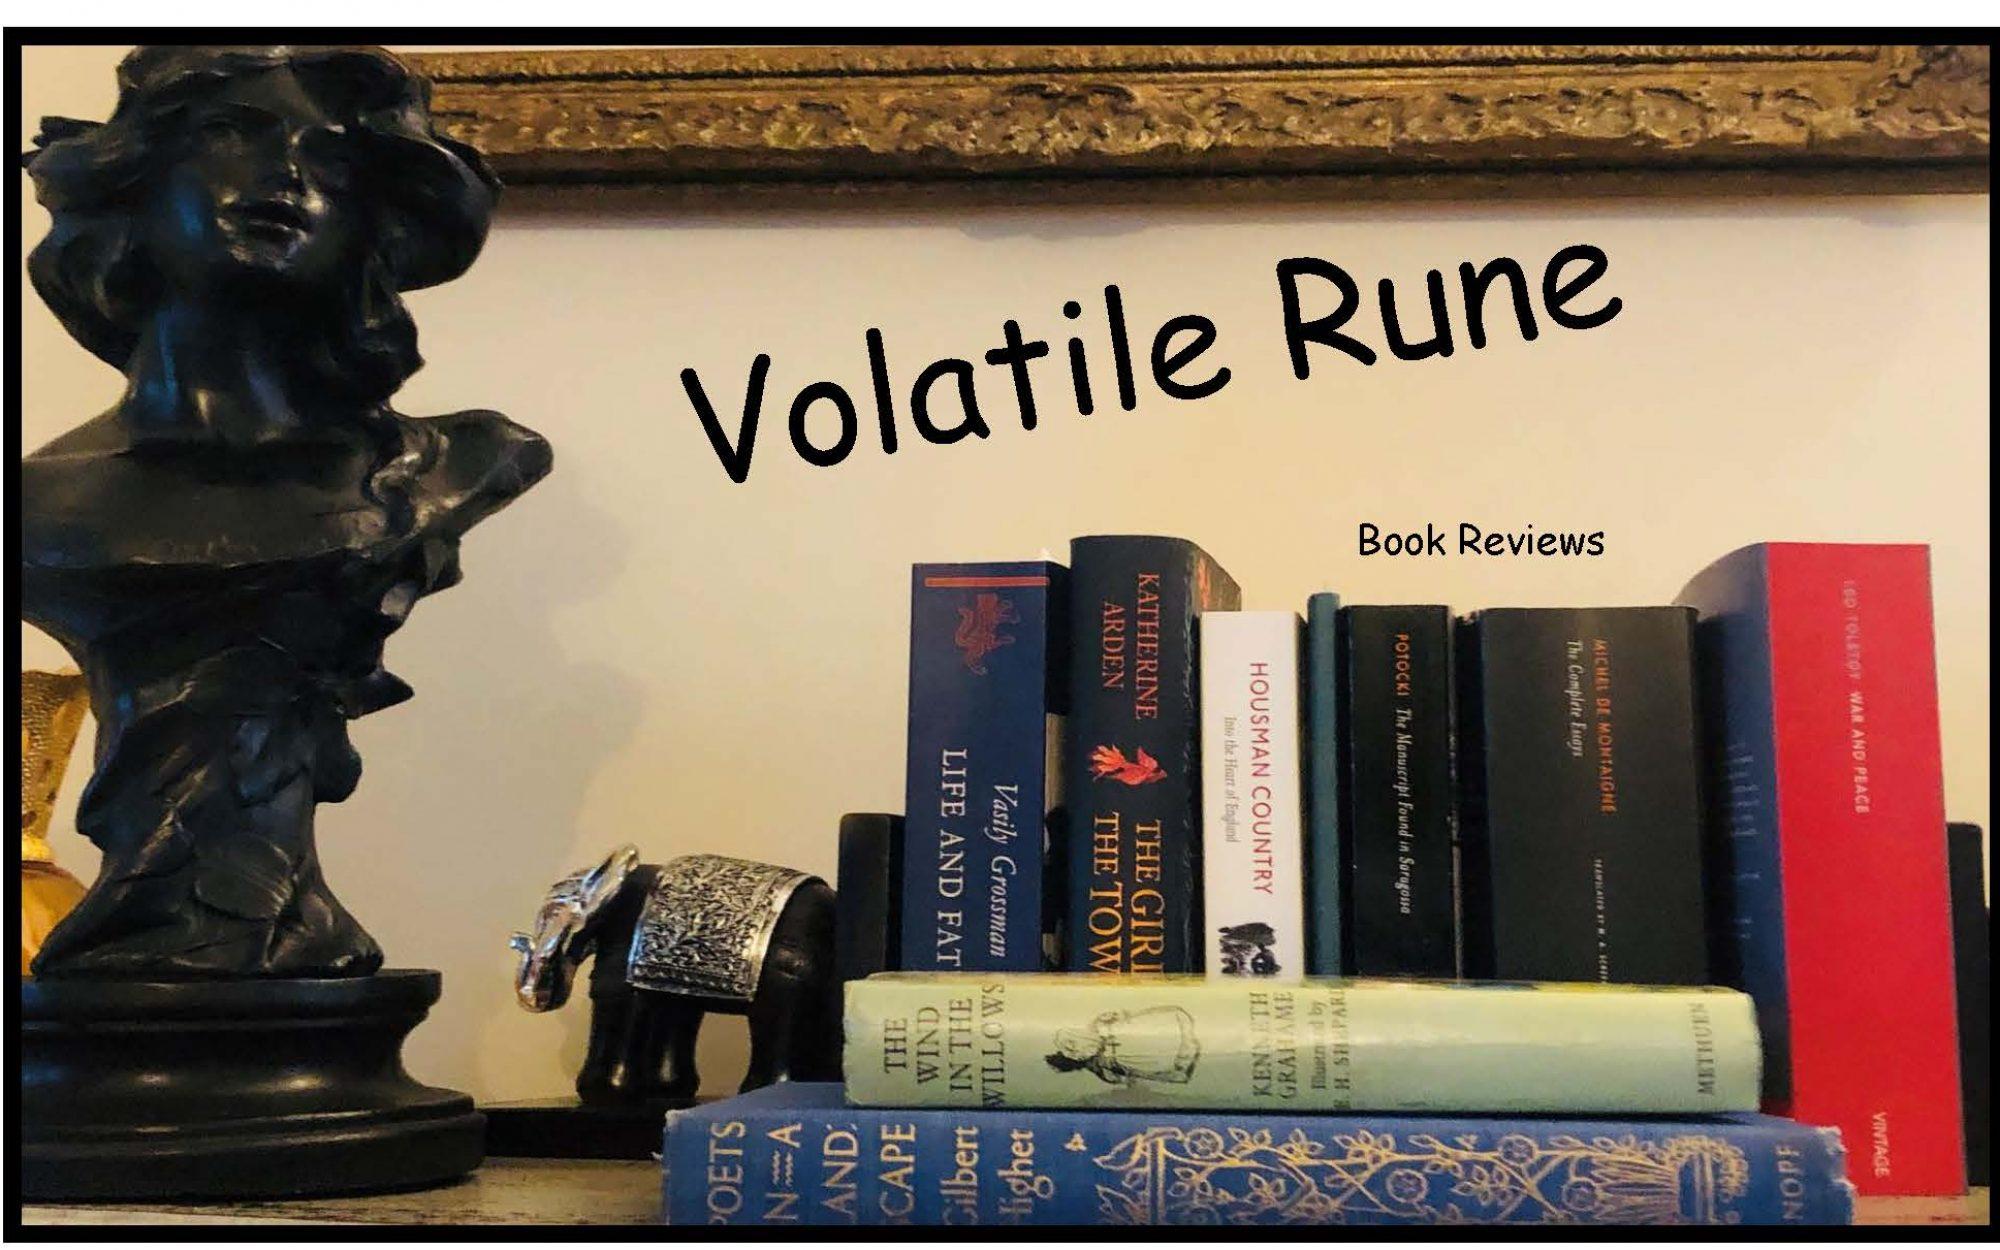 Volatile Rune